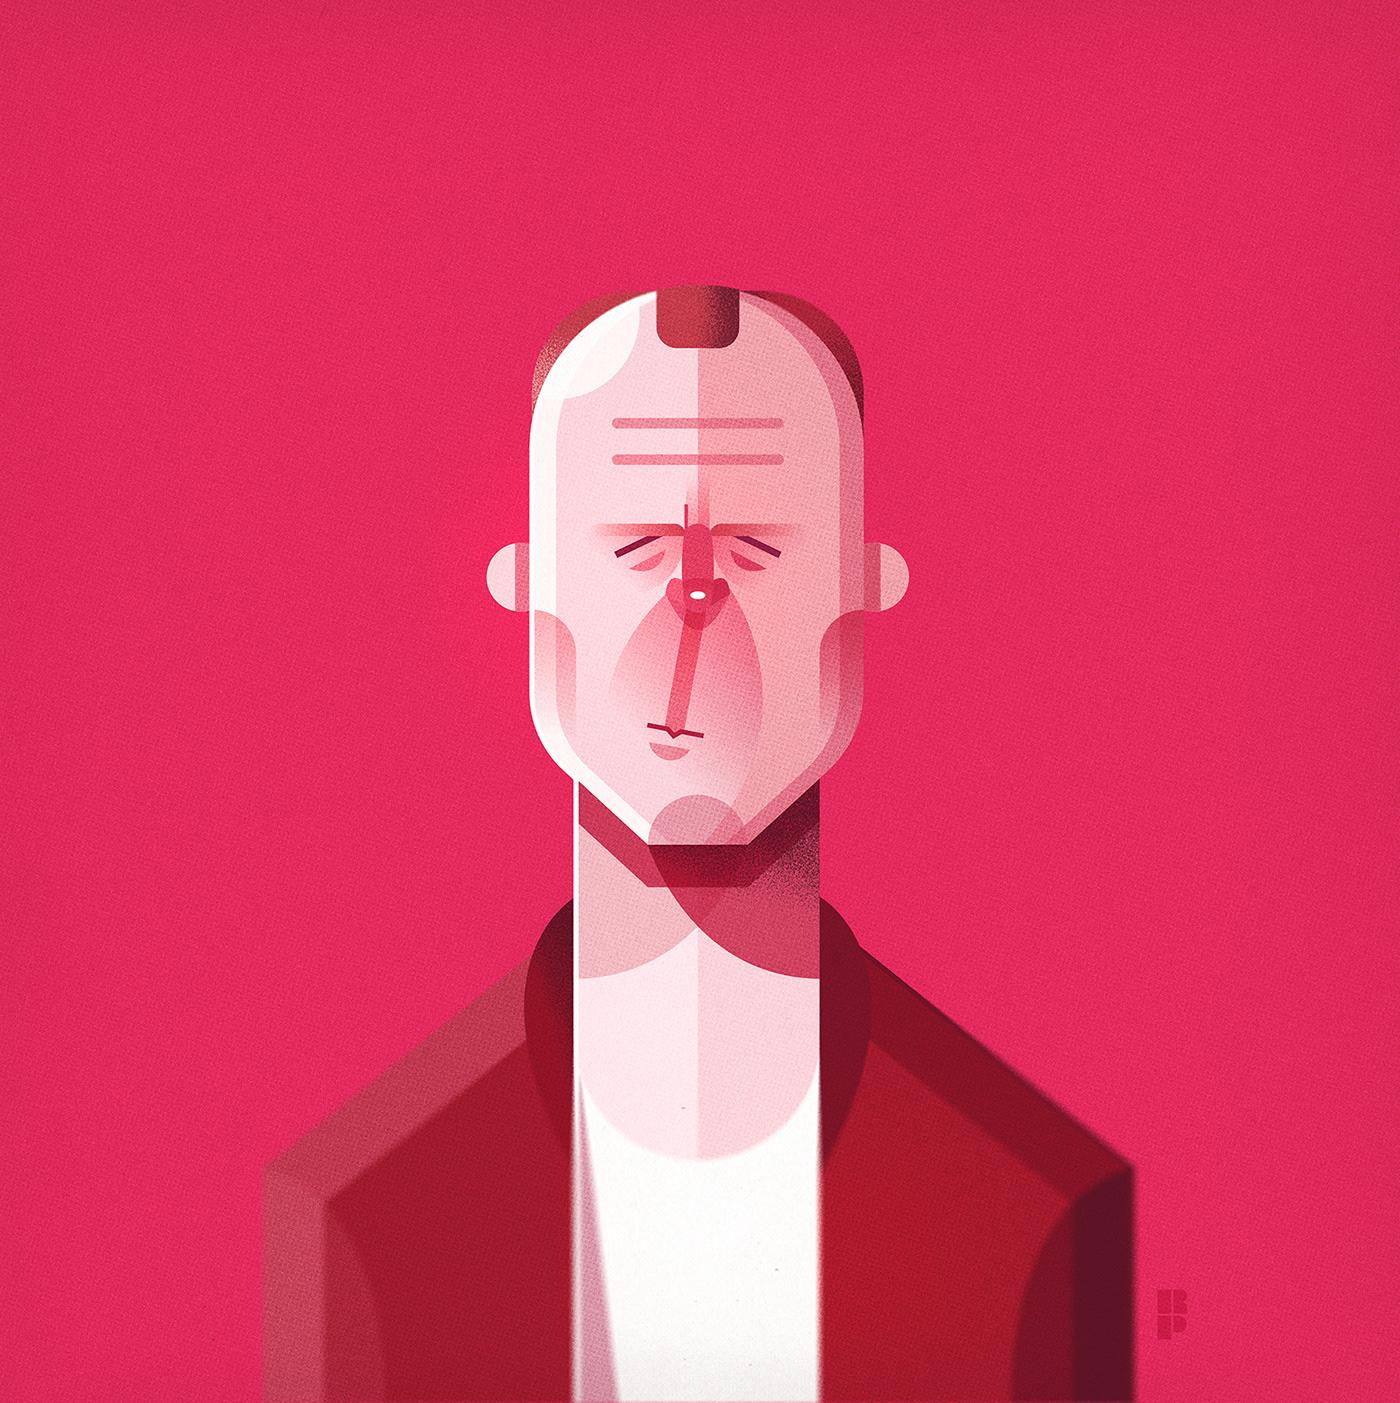 Image may contain: cartoon, drawing and human face